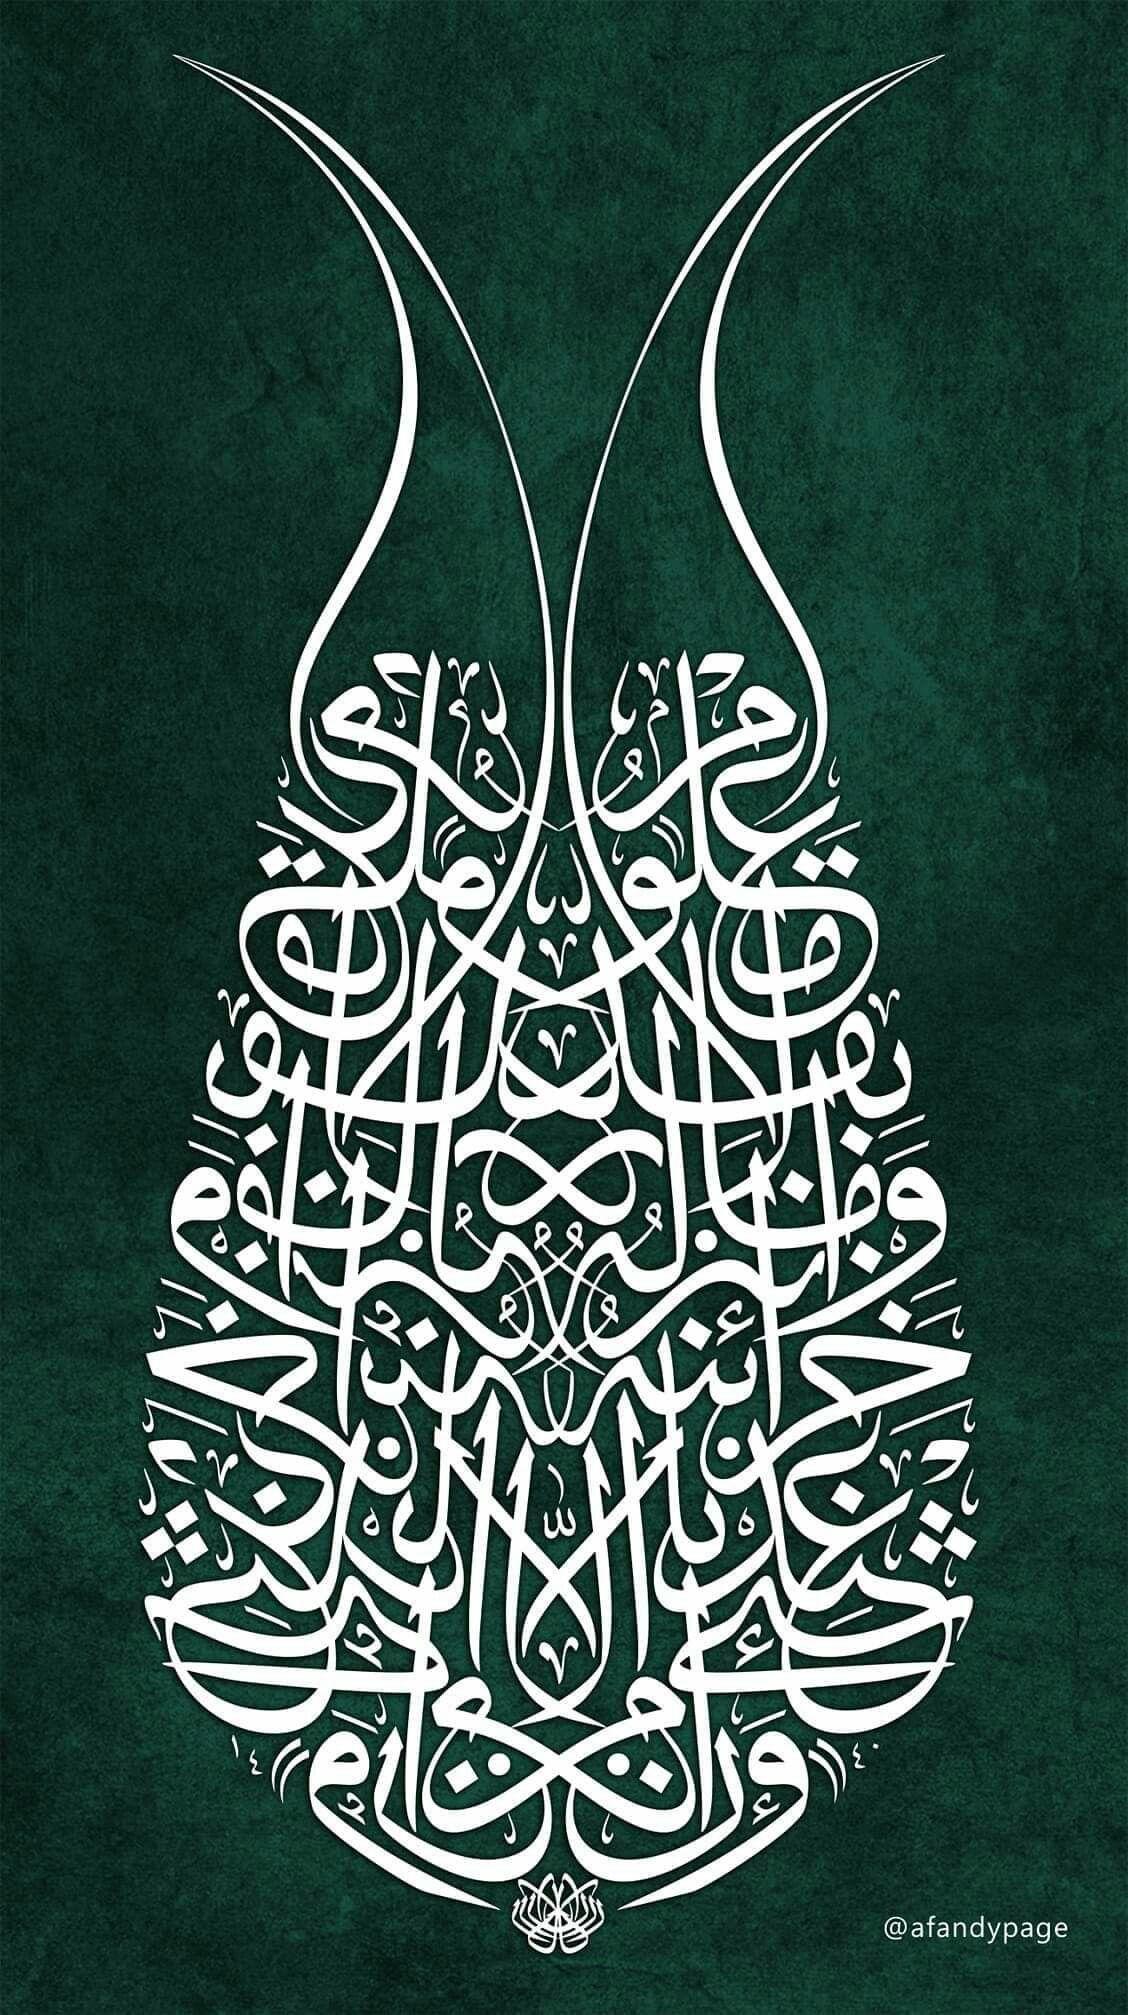 ahmed takyaldin adlı kullanıcının لوحات إسلامية